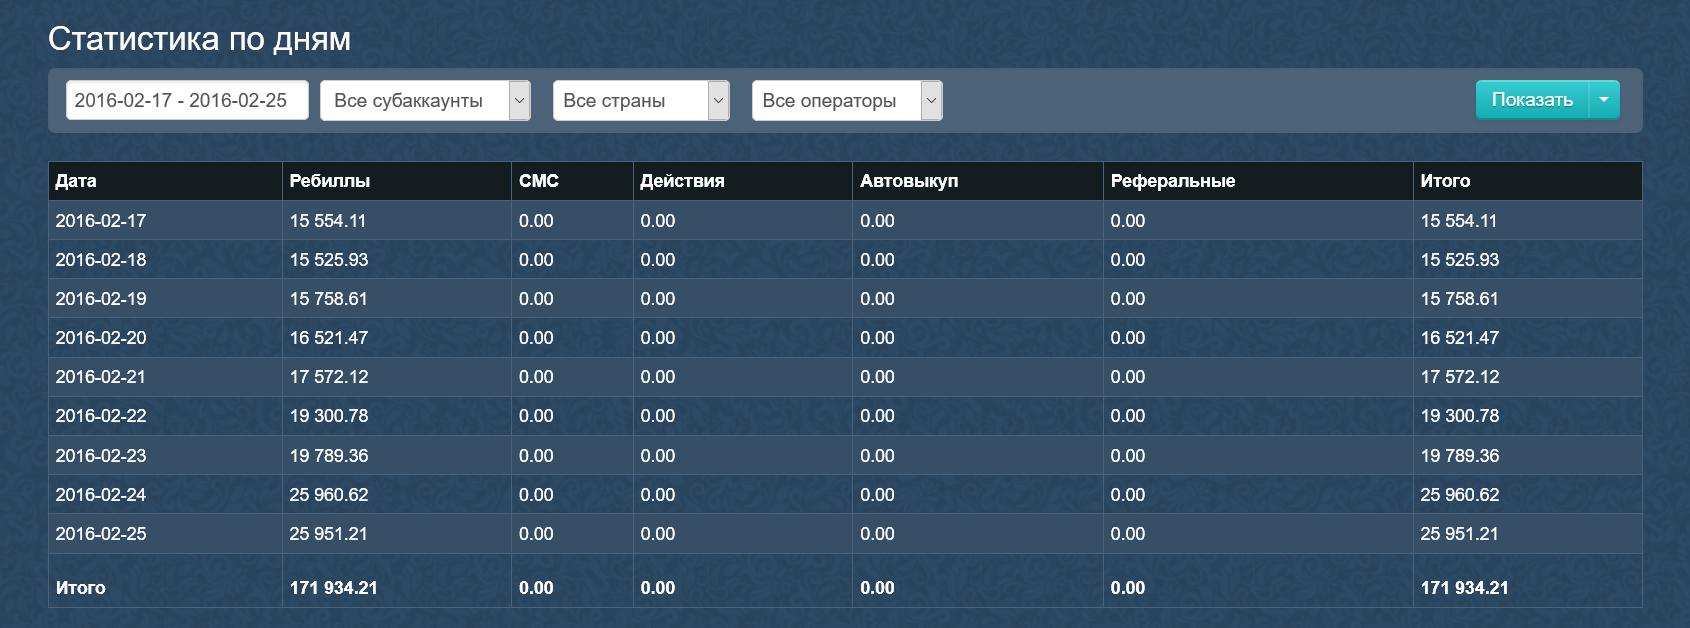 Пример финансовой статистики (по дням).png